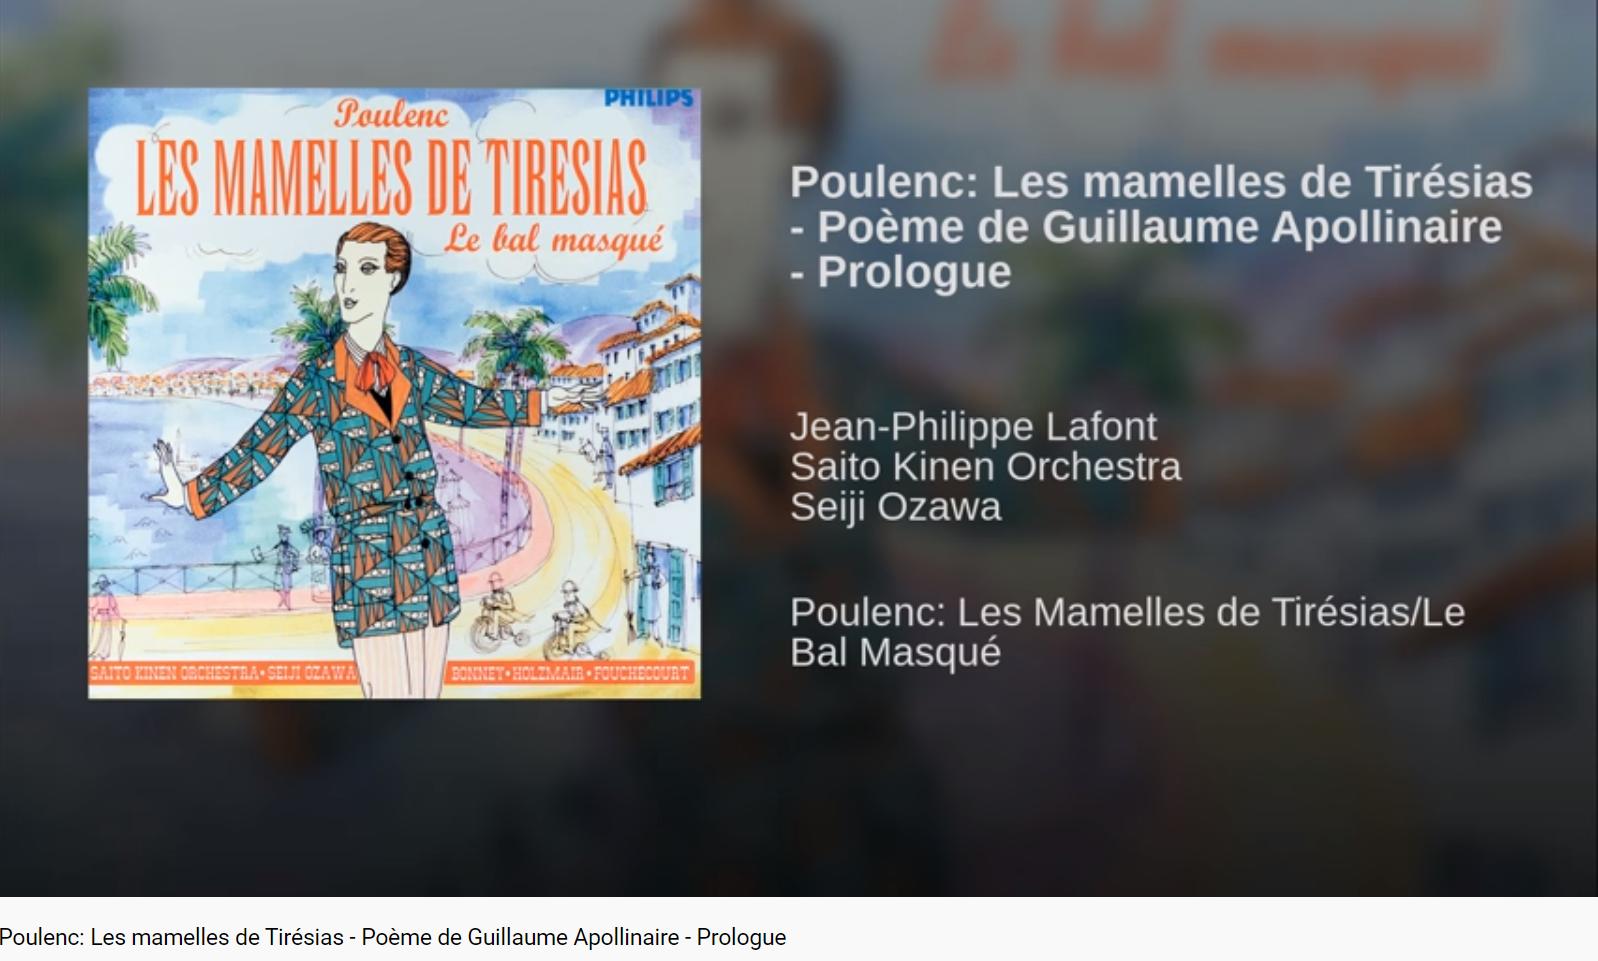 Poulenc Les Mamelles de Tirésias Prologue